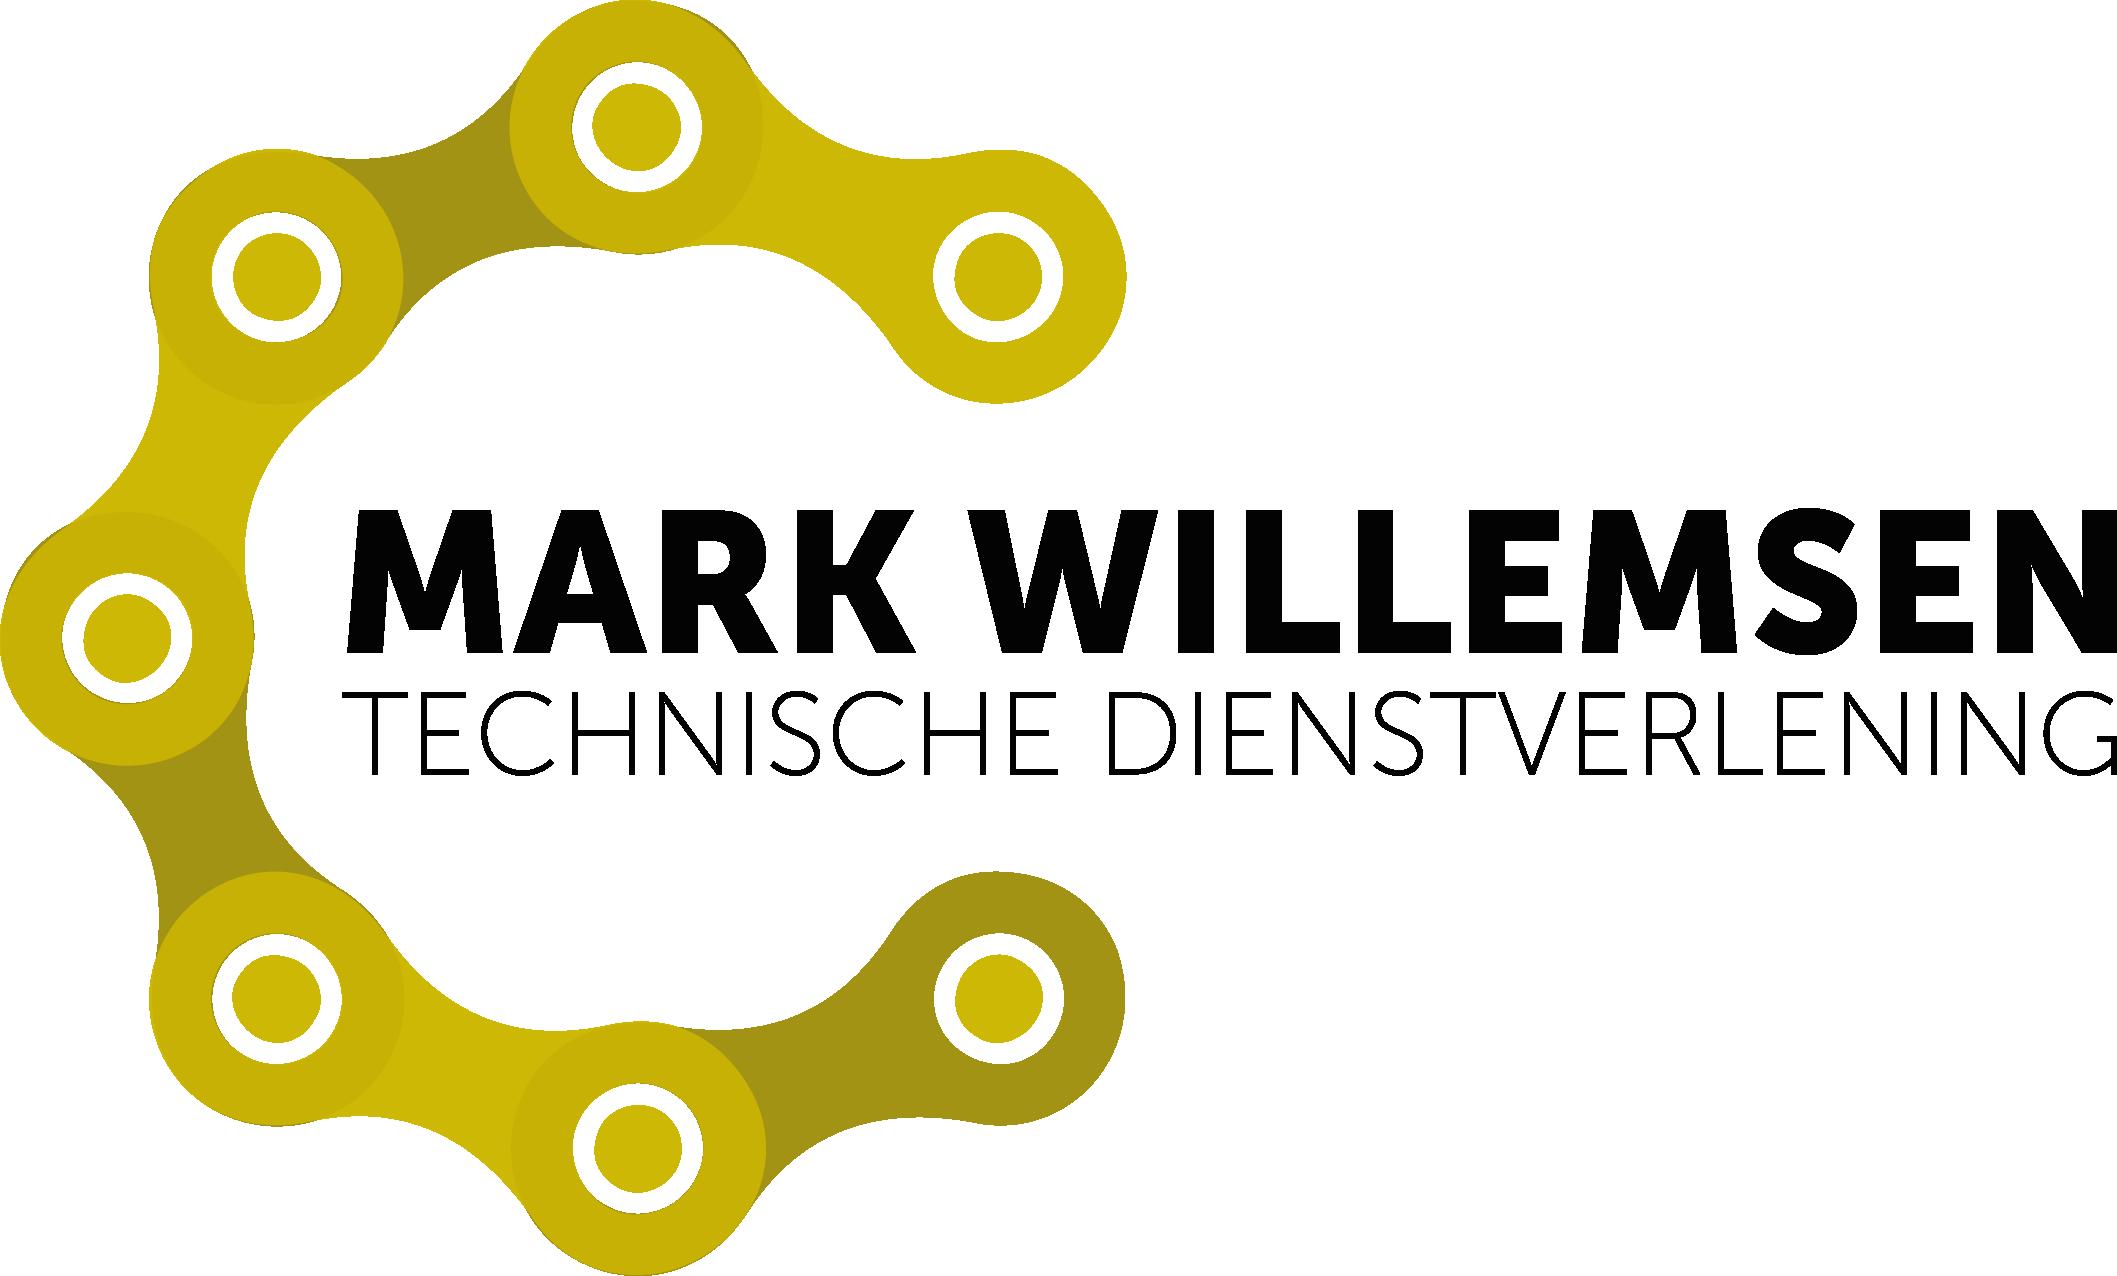 Mark Willemsen